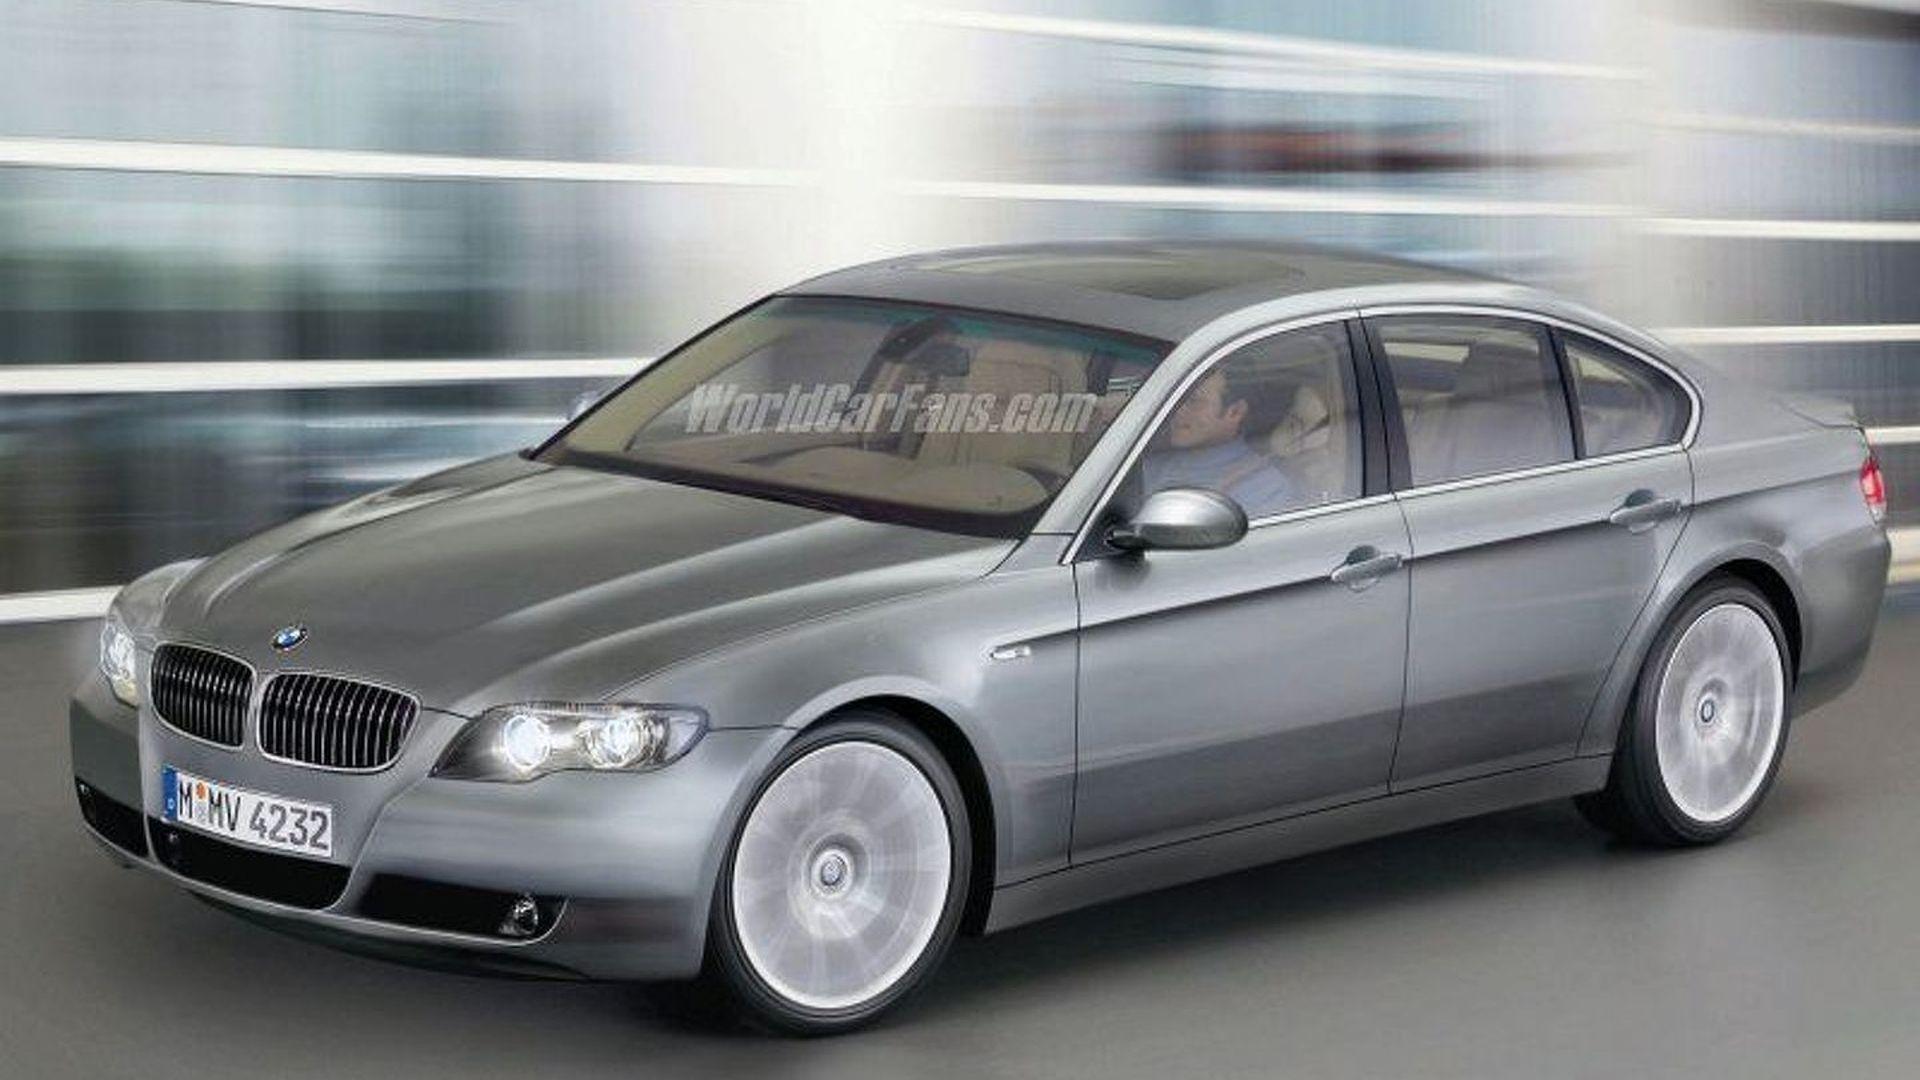 SPY PHOTOS: New BMW 7-Series